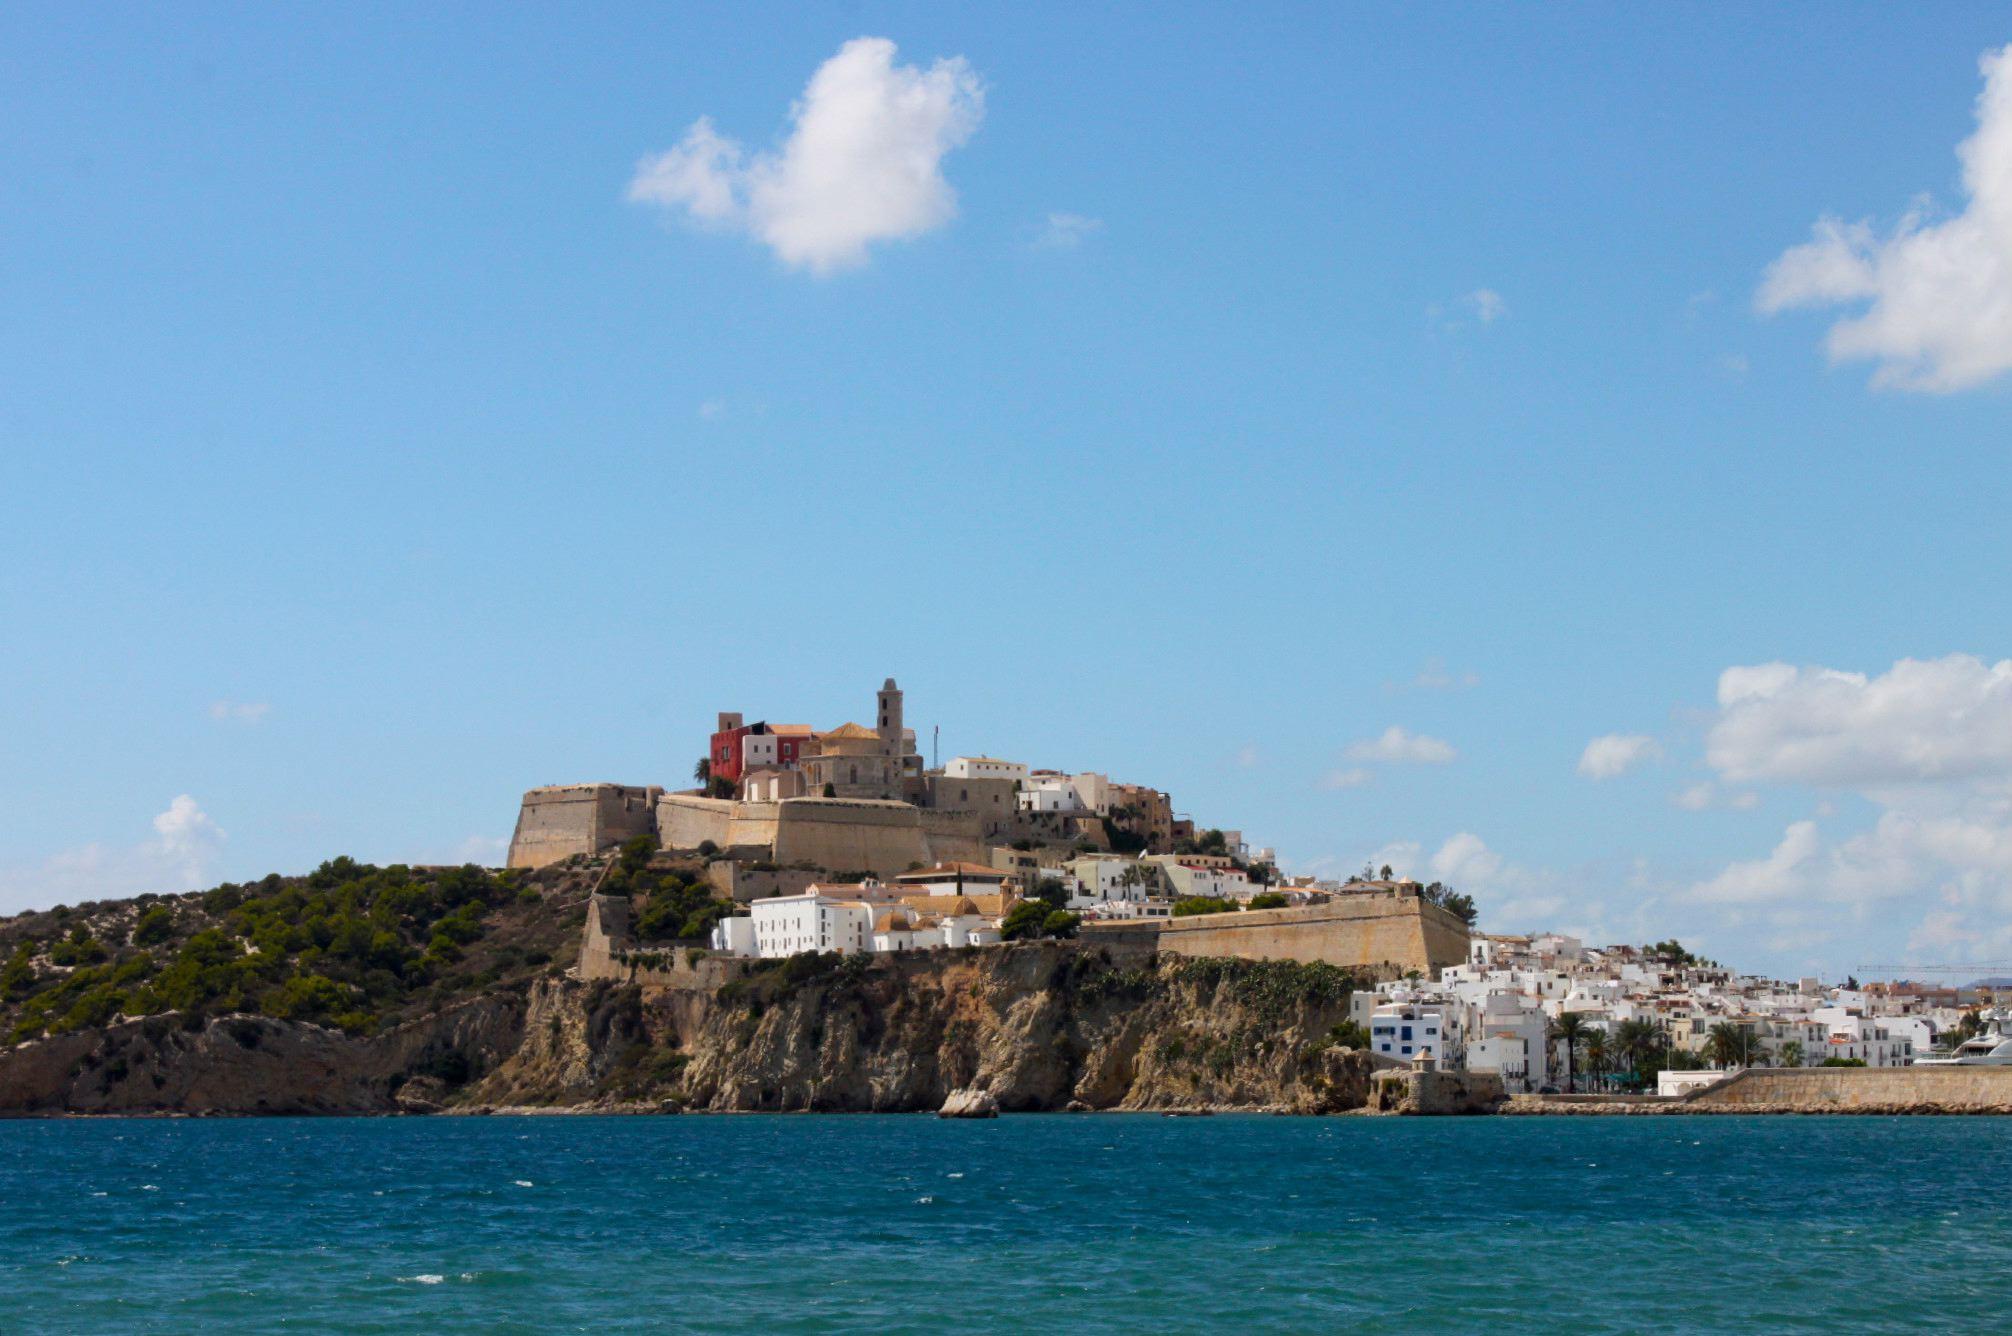 Arrivando al porto di Ibiza, navigando a vela